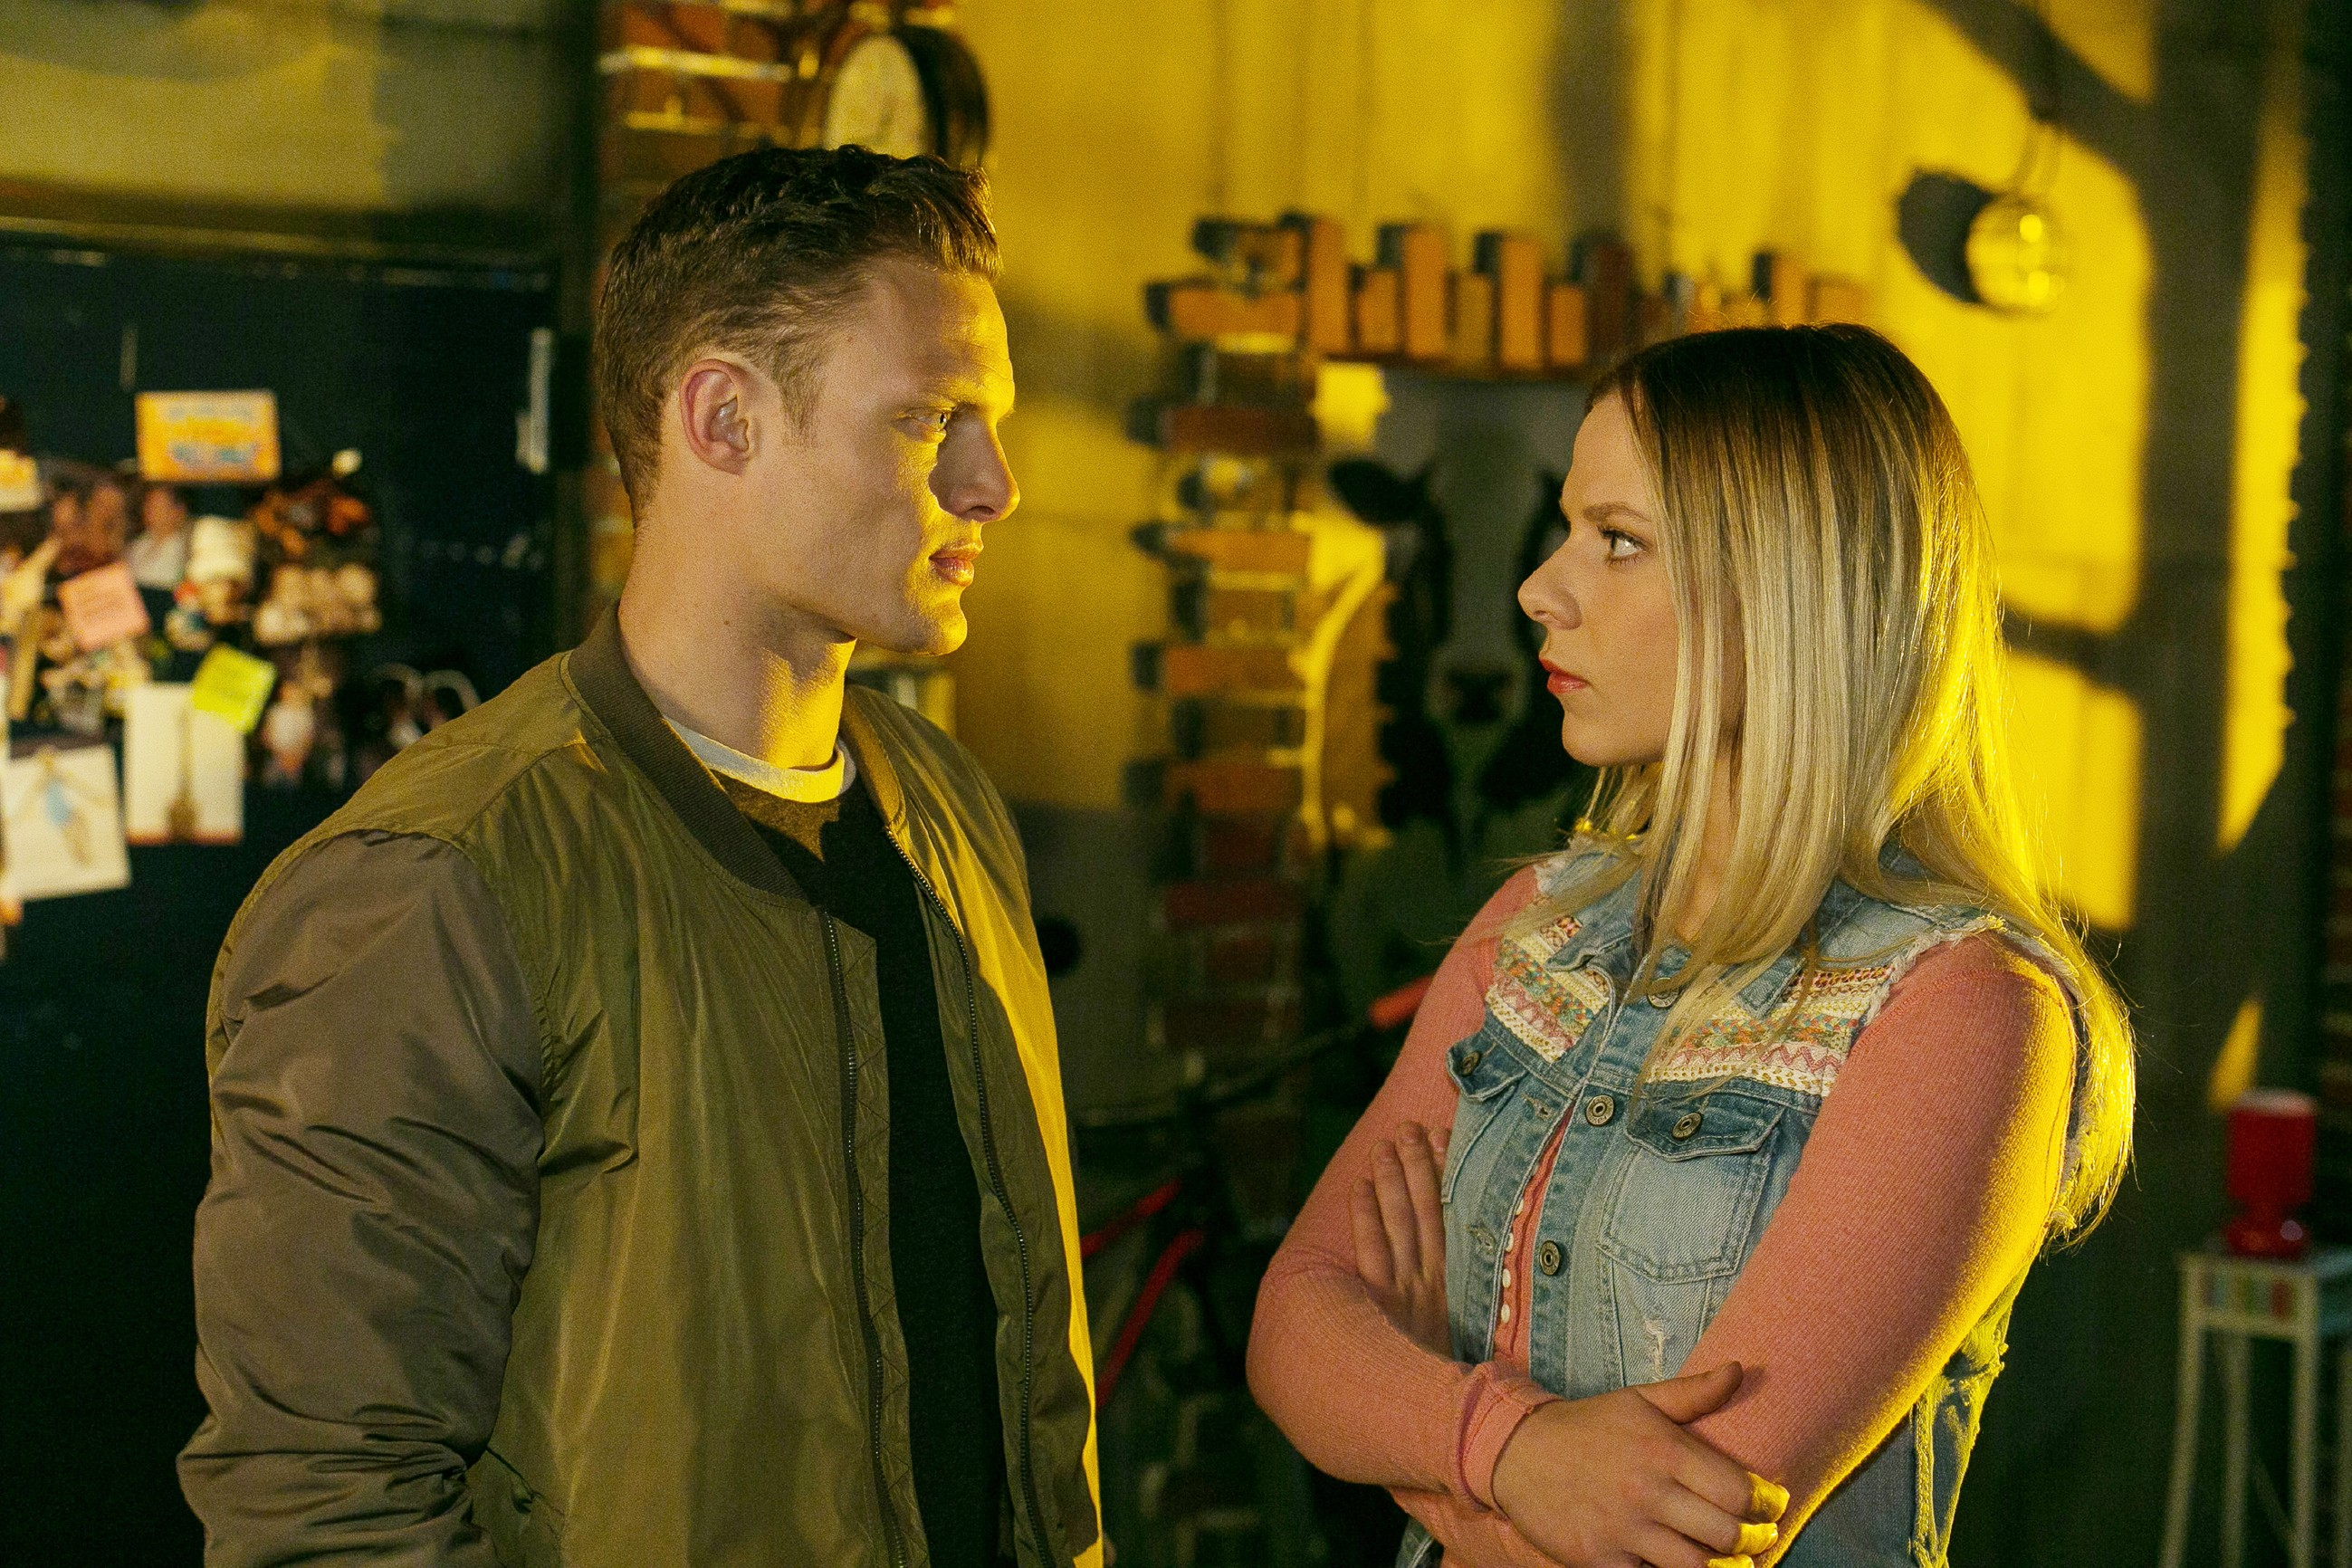 Tim (Robert Maaser) gerät durch einen unüberlegten Kommentar mit Marie (Cheyenne Pahde) in Streit. (Quelle: RTL / Kai Schulz)